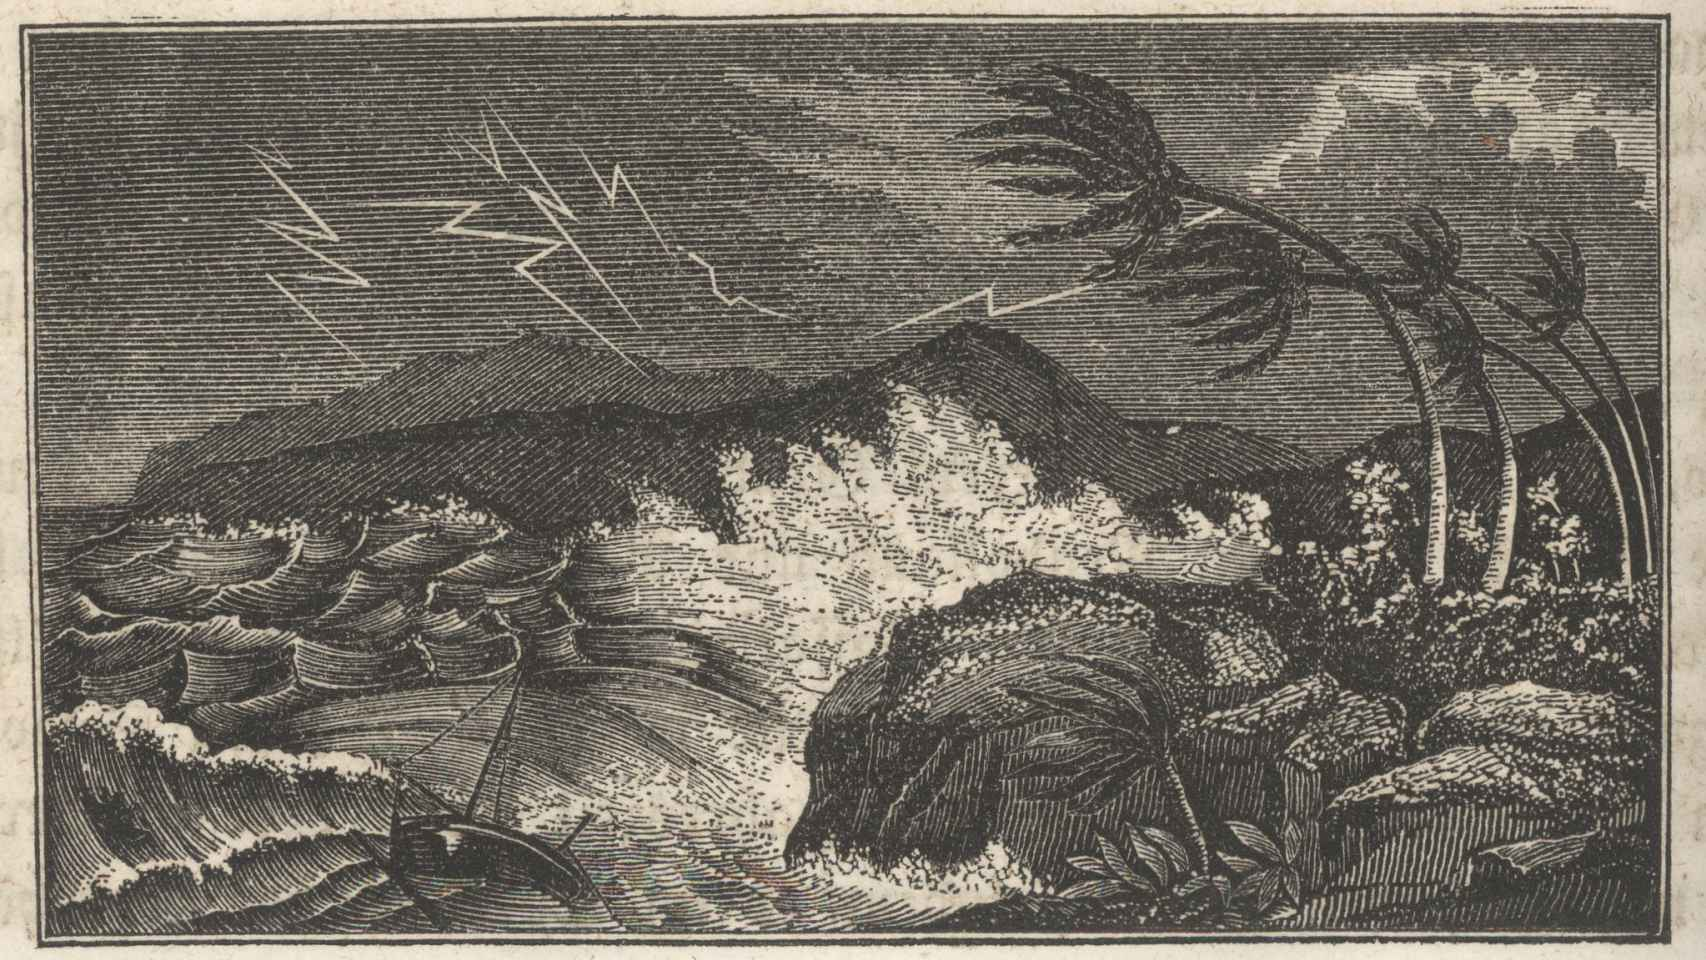 El cuadro Naturwunder Im Reiche der Luft, de  W.F.M. Zimmerman.